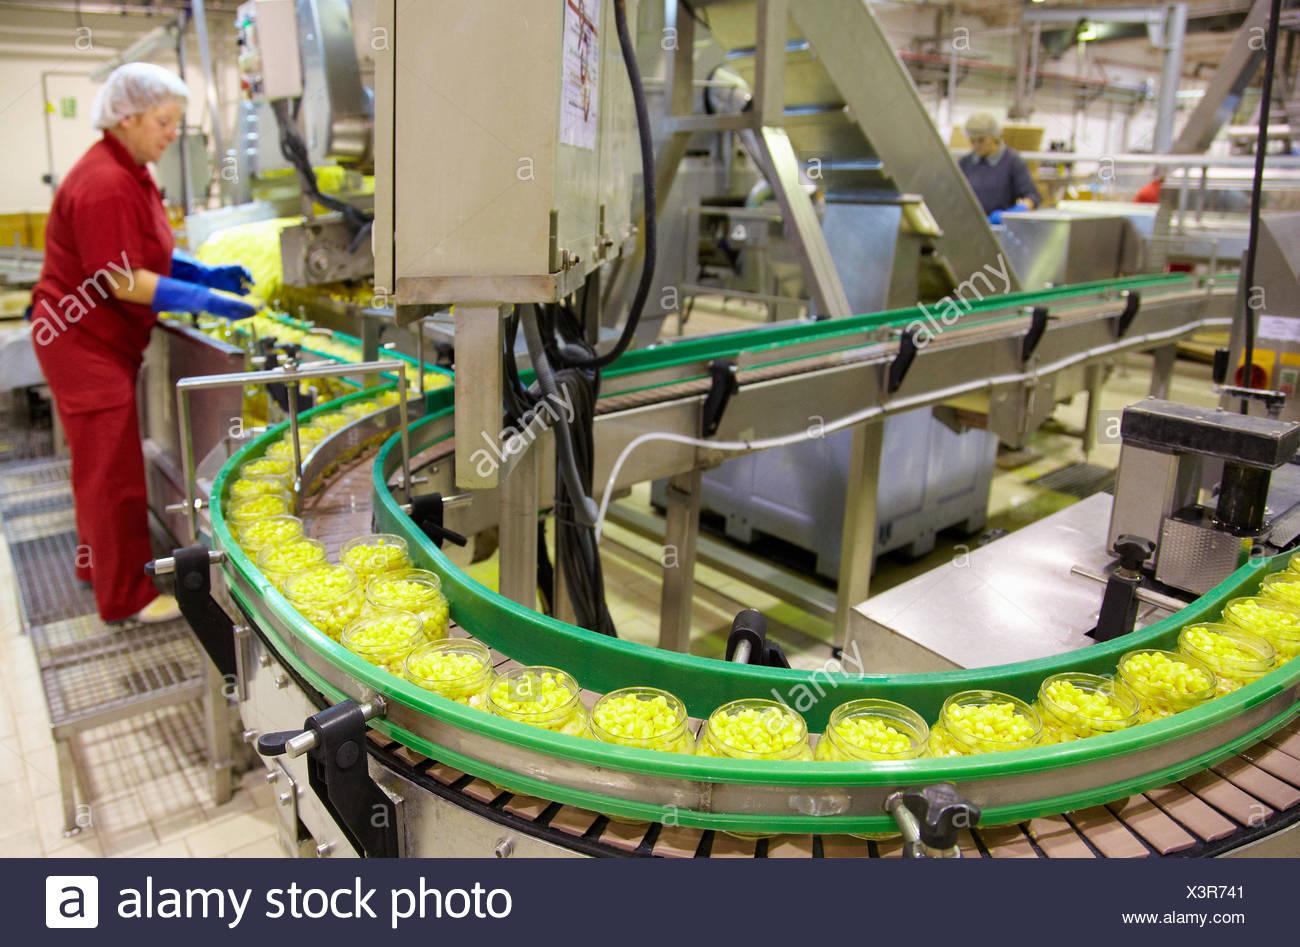 Produktionslinie von Gemüsekonserven und Bohnen in Glasflasche, Mais, Mais, Konservenindustrie, Agrar-und Ernährungswirtschaft, Logistikzentrum, Stockbild